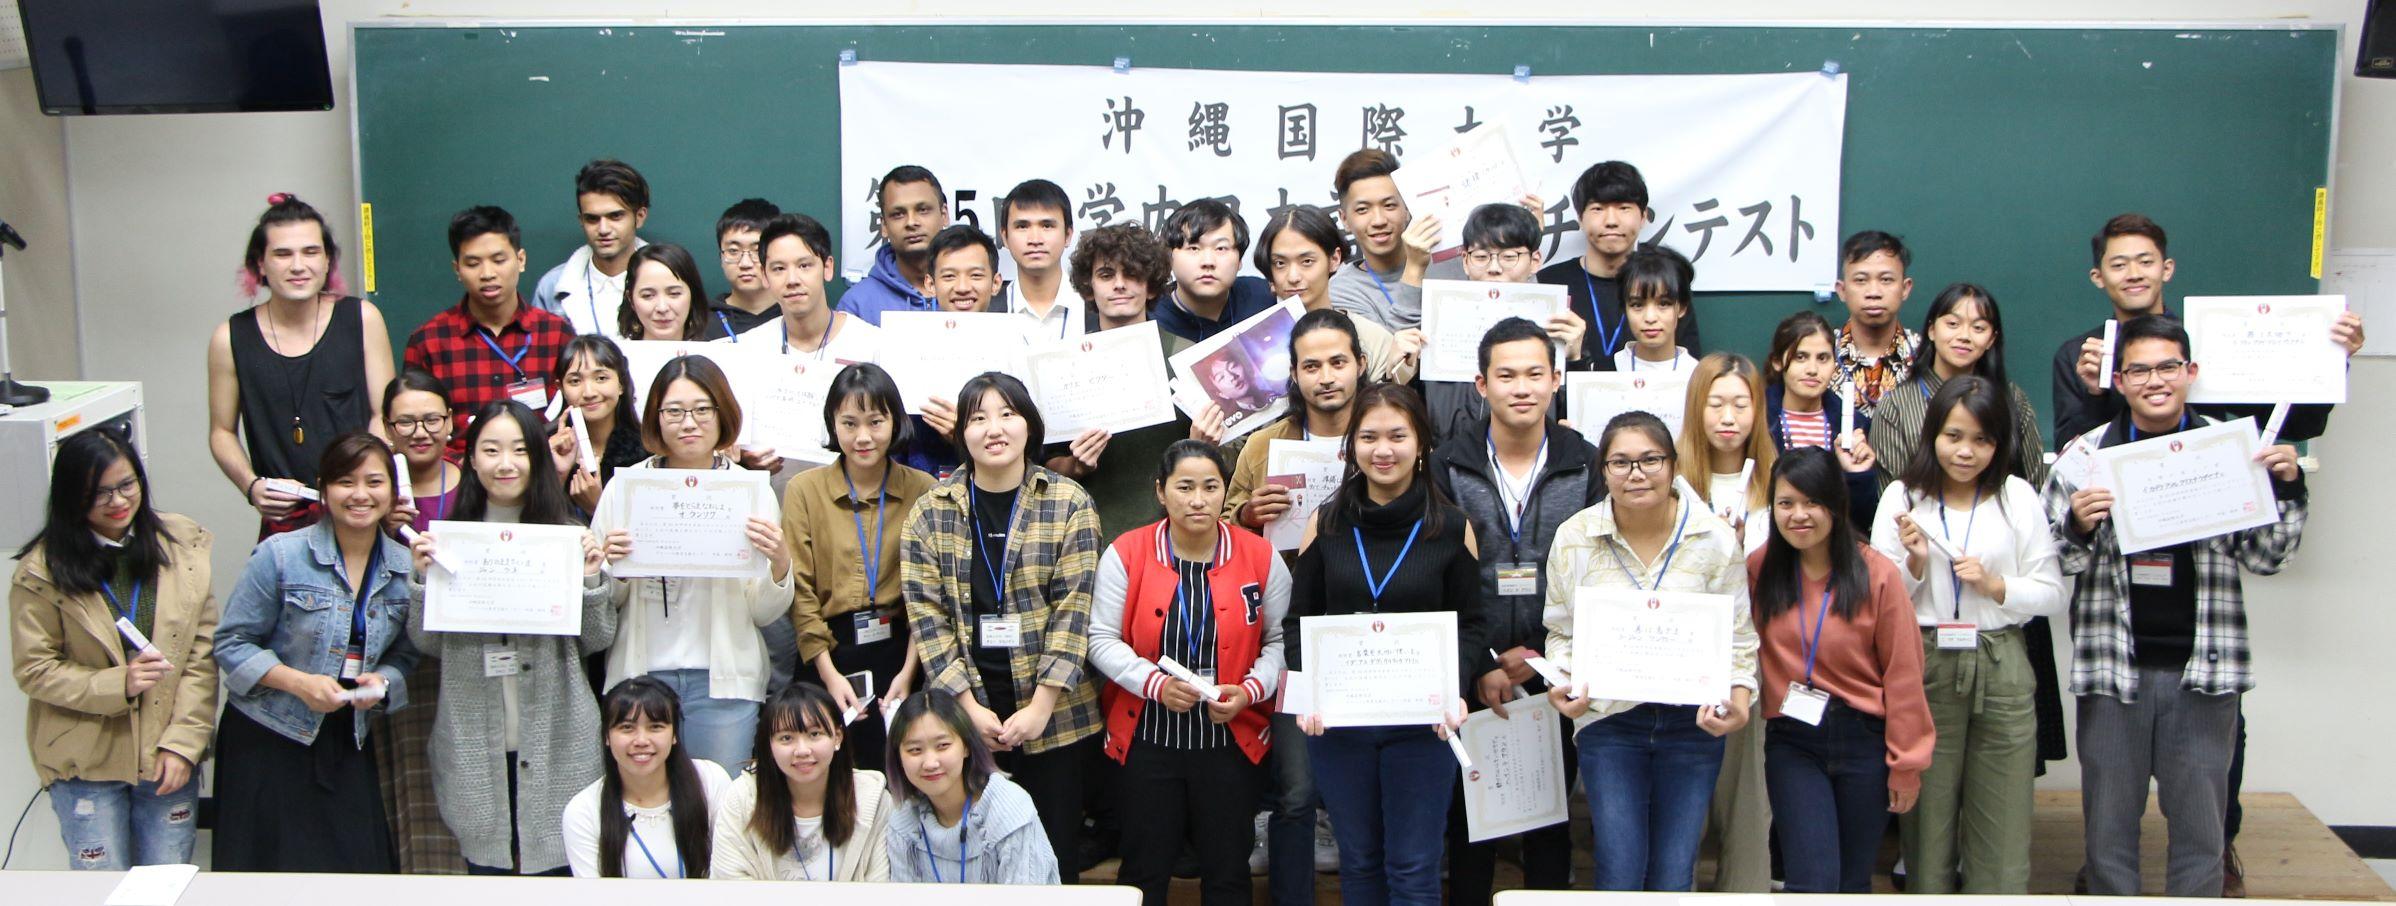 第25回学内日本語スピーチコンテスト